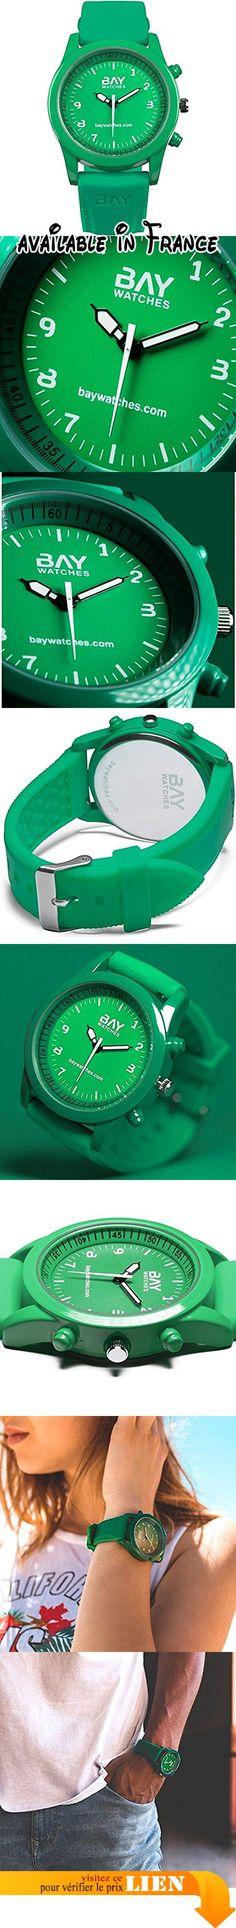 B06XJXGRWC : Montre pour Hommes et Femmes Vert de bracelet analogique Copacabana. Montre pour Homme et Femme Analogique vert de bracelet Copacabana.  bretelles ergonomiques Résistant aux éclaboussures non étanche horloge de la mode en ligne. baywatches est le montre spécial pour cet été: une montre de couleurs de qualité suprême manecillas réfléchissantes visibles dans l'obscurité Poids: 150grammes mouvement: Quartz Japonais. envios très discrets.